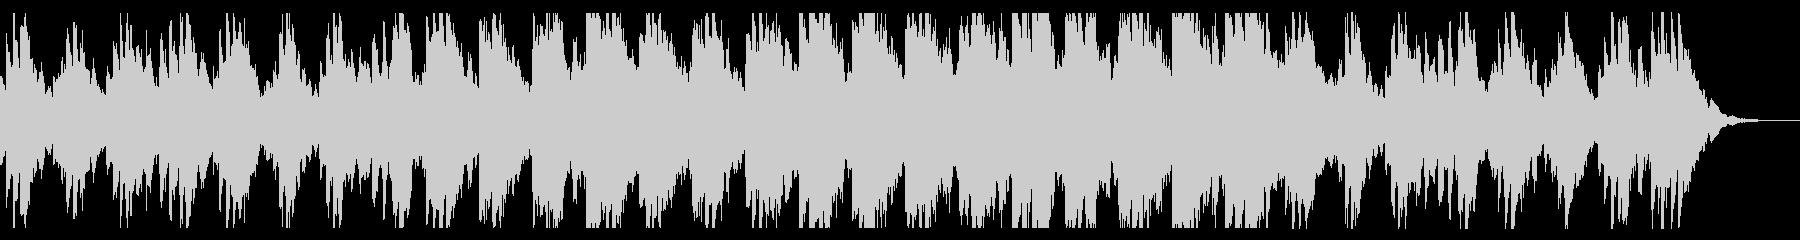 ヒーリング系ジングルの未再生の波形